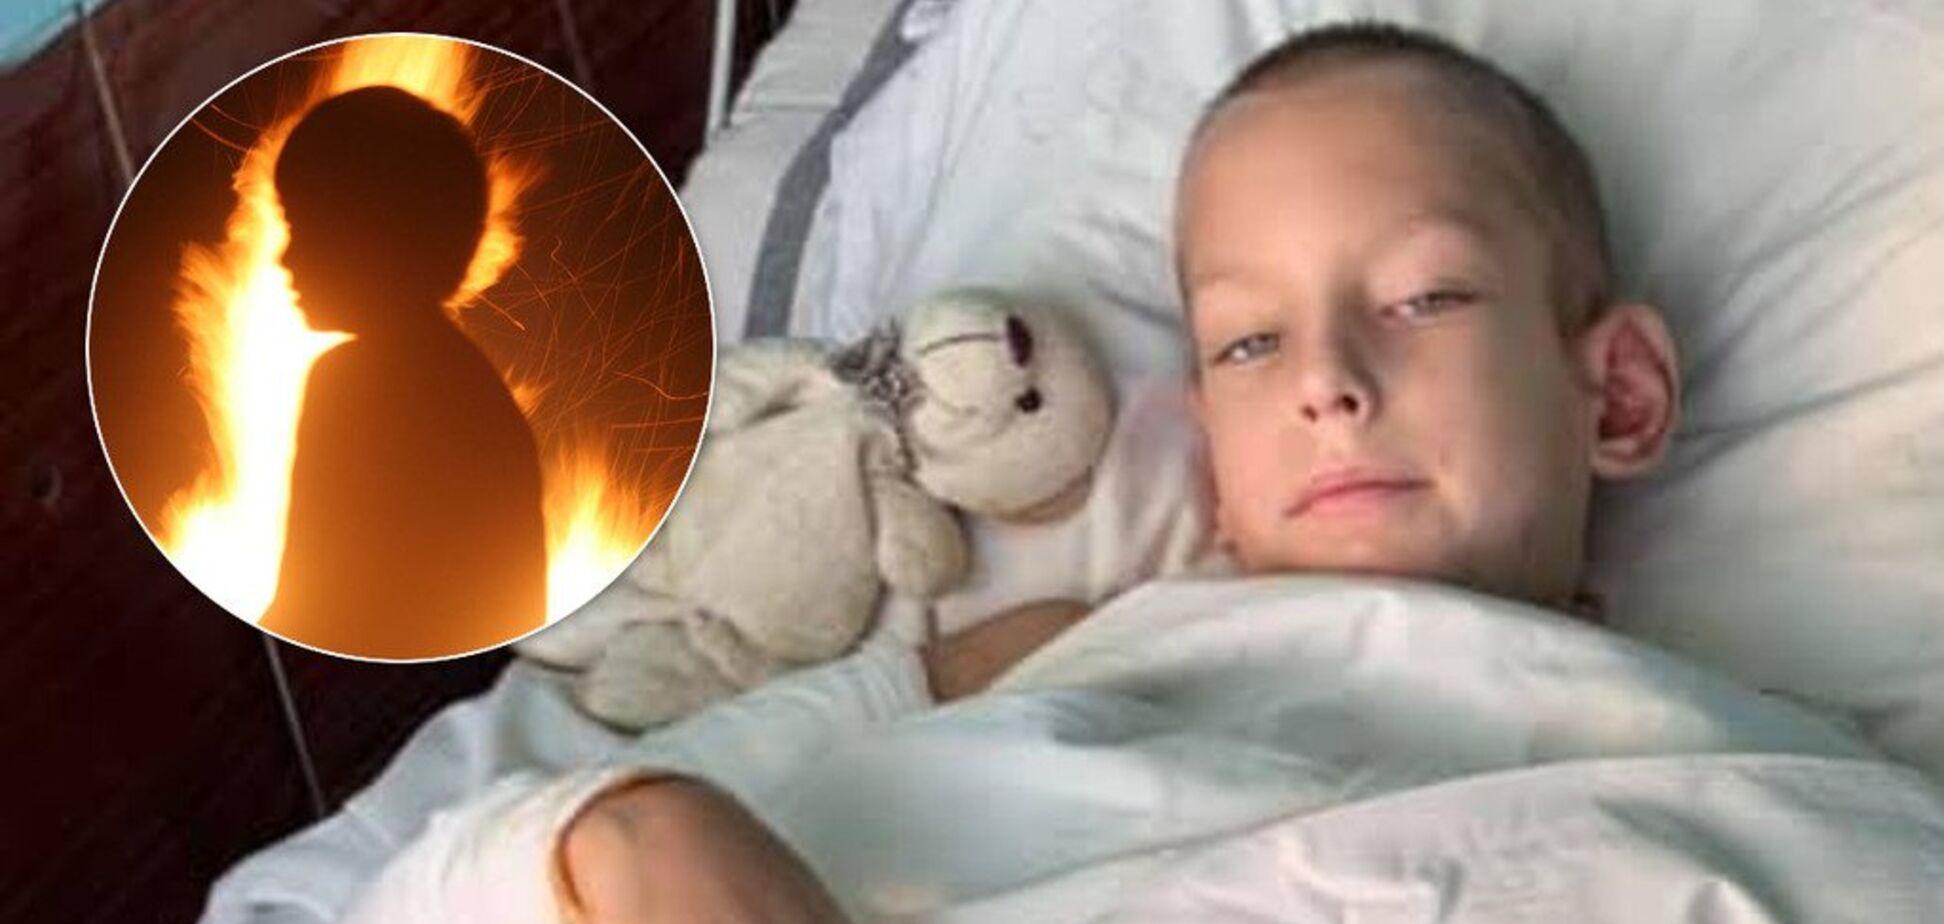 В Днепре дети подожгли 8-летнего мальчика. Источник: Коллаж